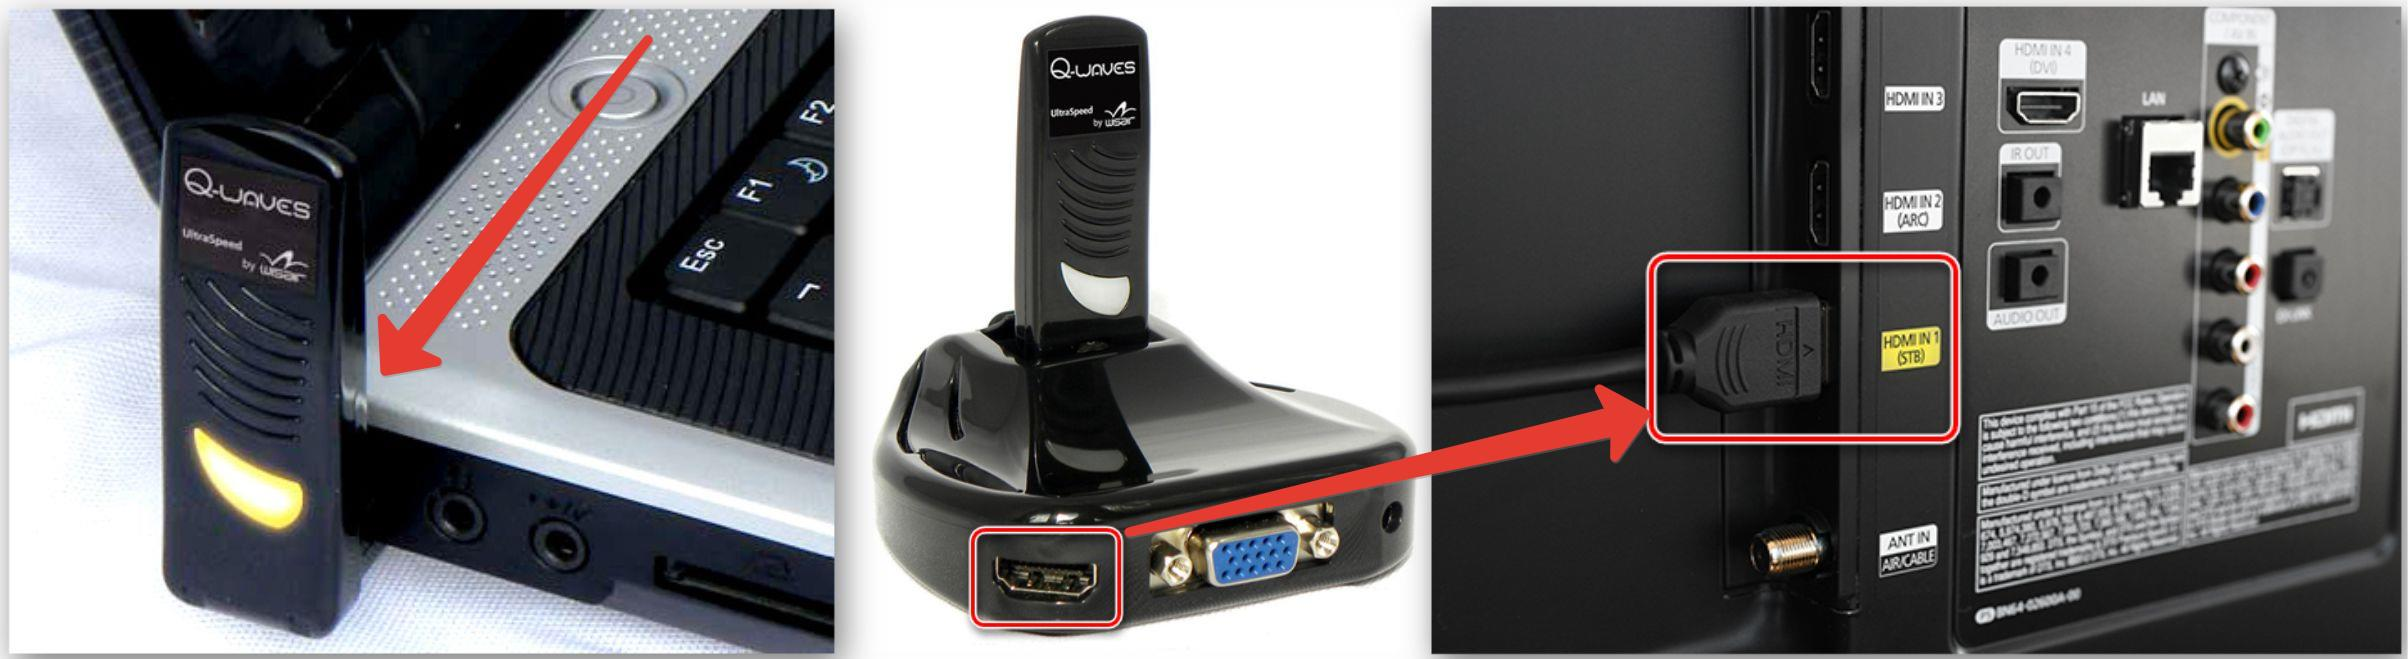 При беспроводном соединении USB-модуль подключается к ноутбуку, а приемник – к ТВ через кабель HDMI или VGA и через блок питания к сети.